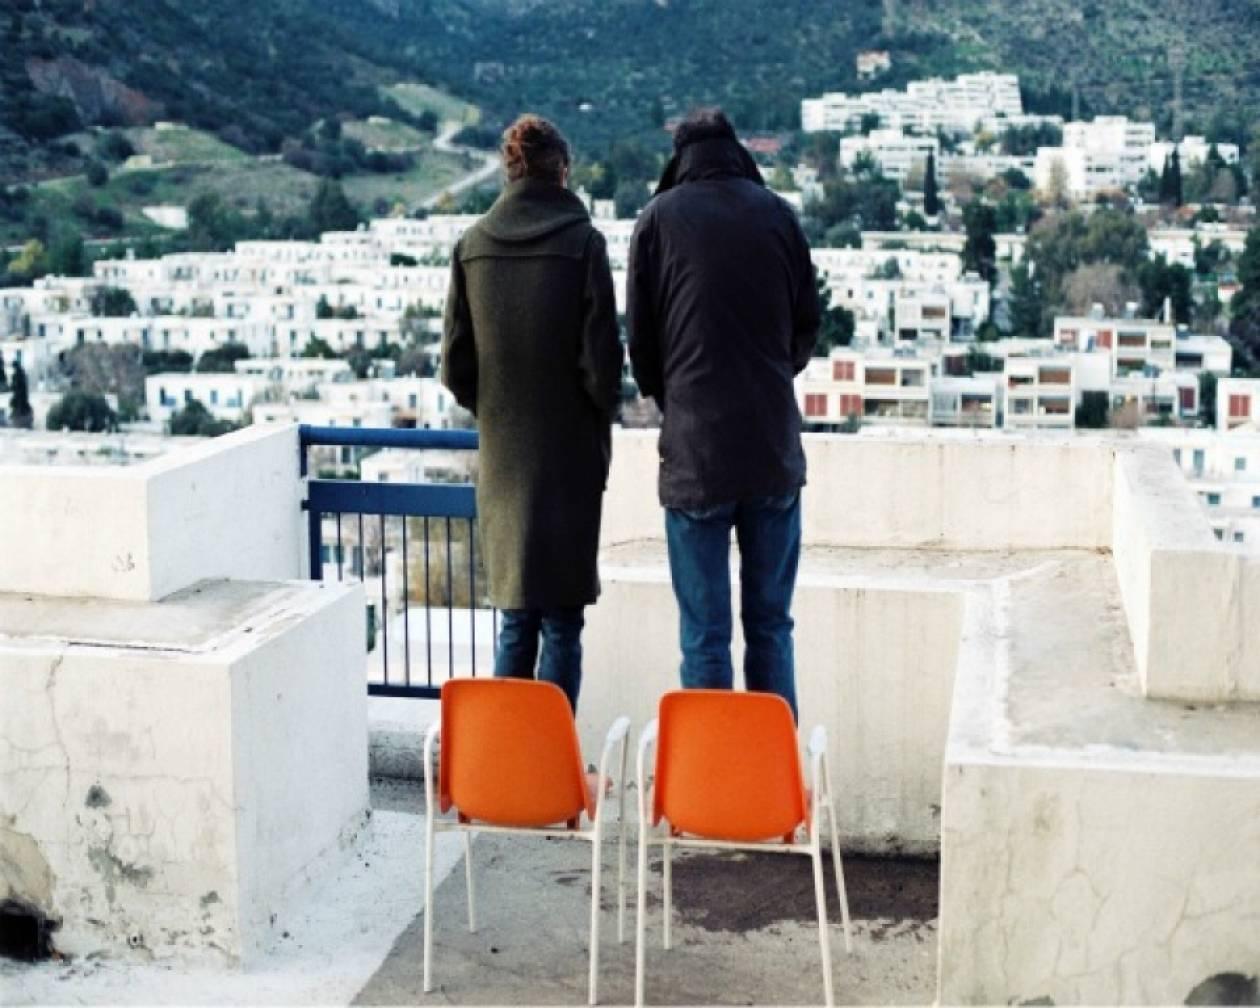 Ανακοινώθηκε η ελληνική υποψηφιότητα για τα φετινά Όσκαρ!